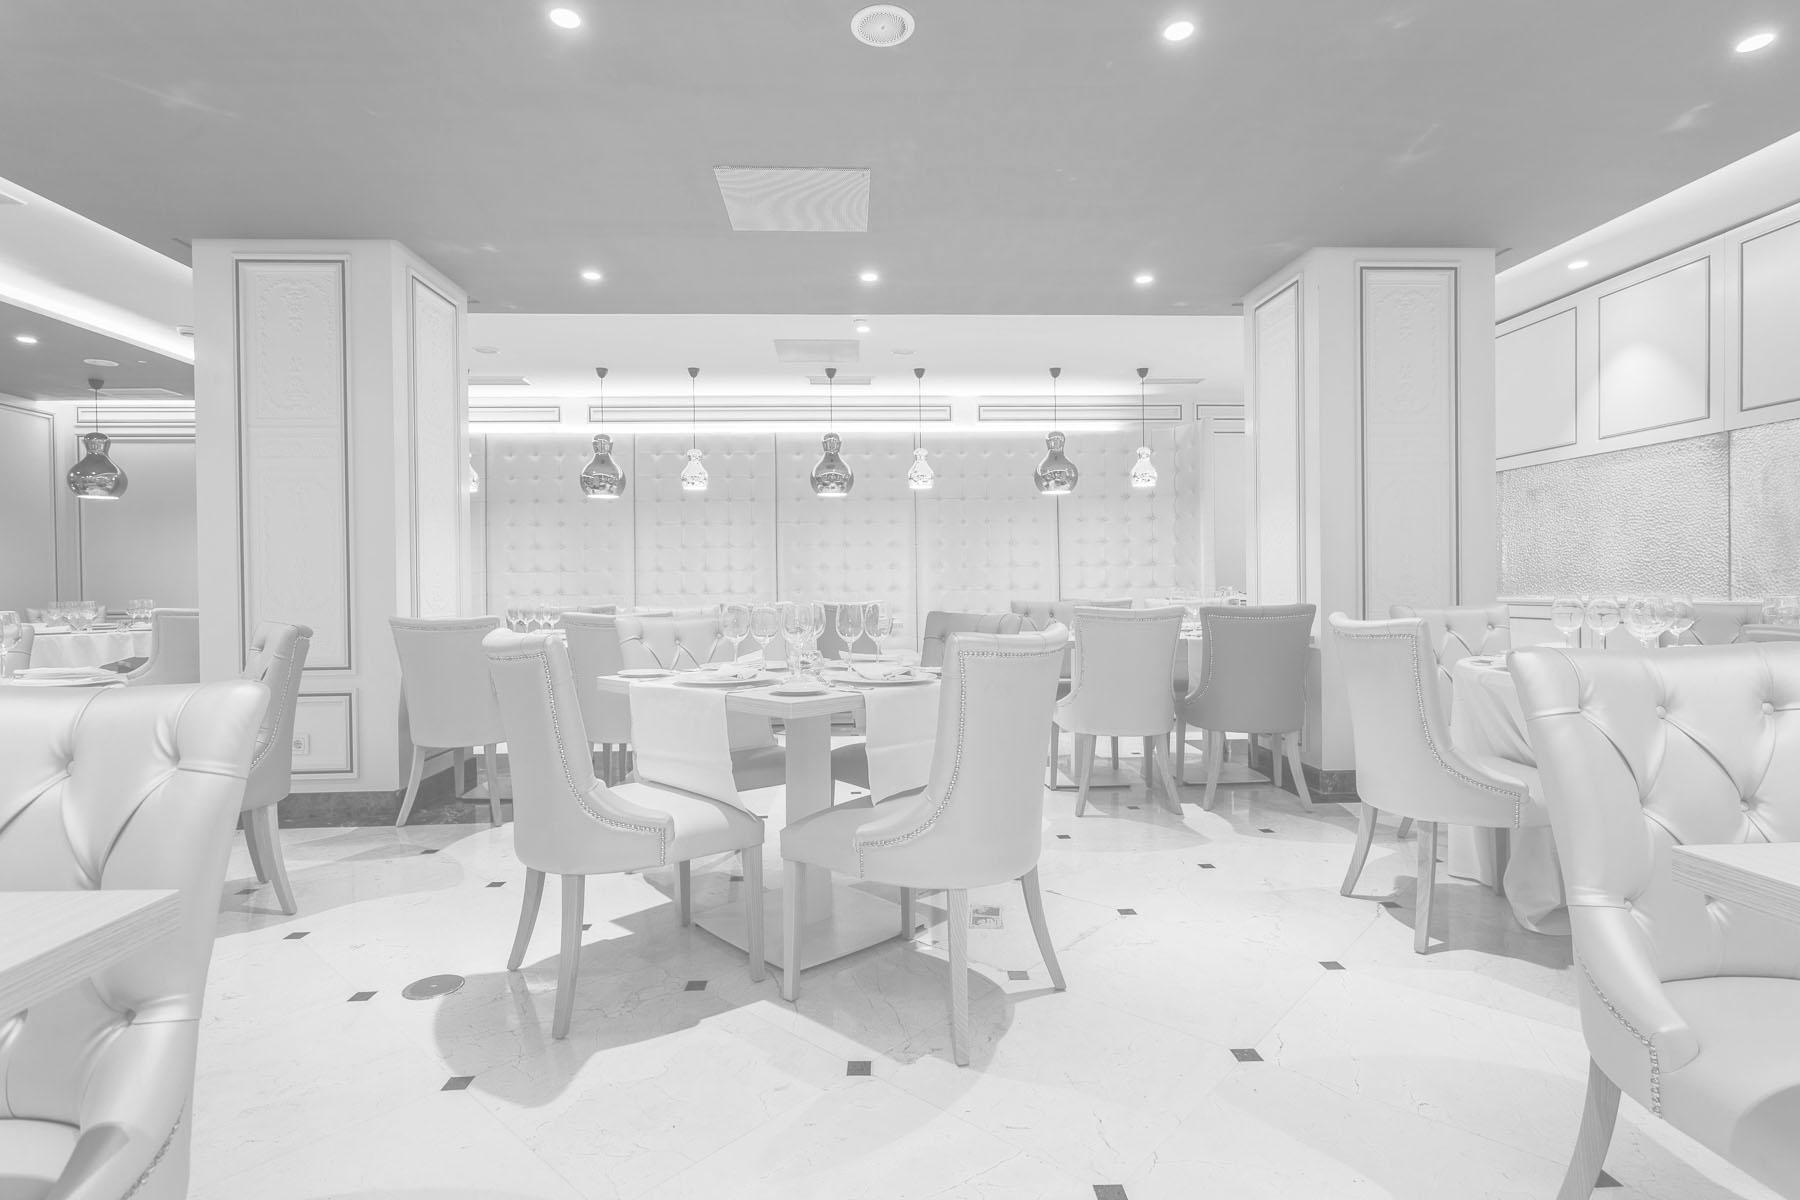 Sala de restaurante lista para dar el servicio de comida